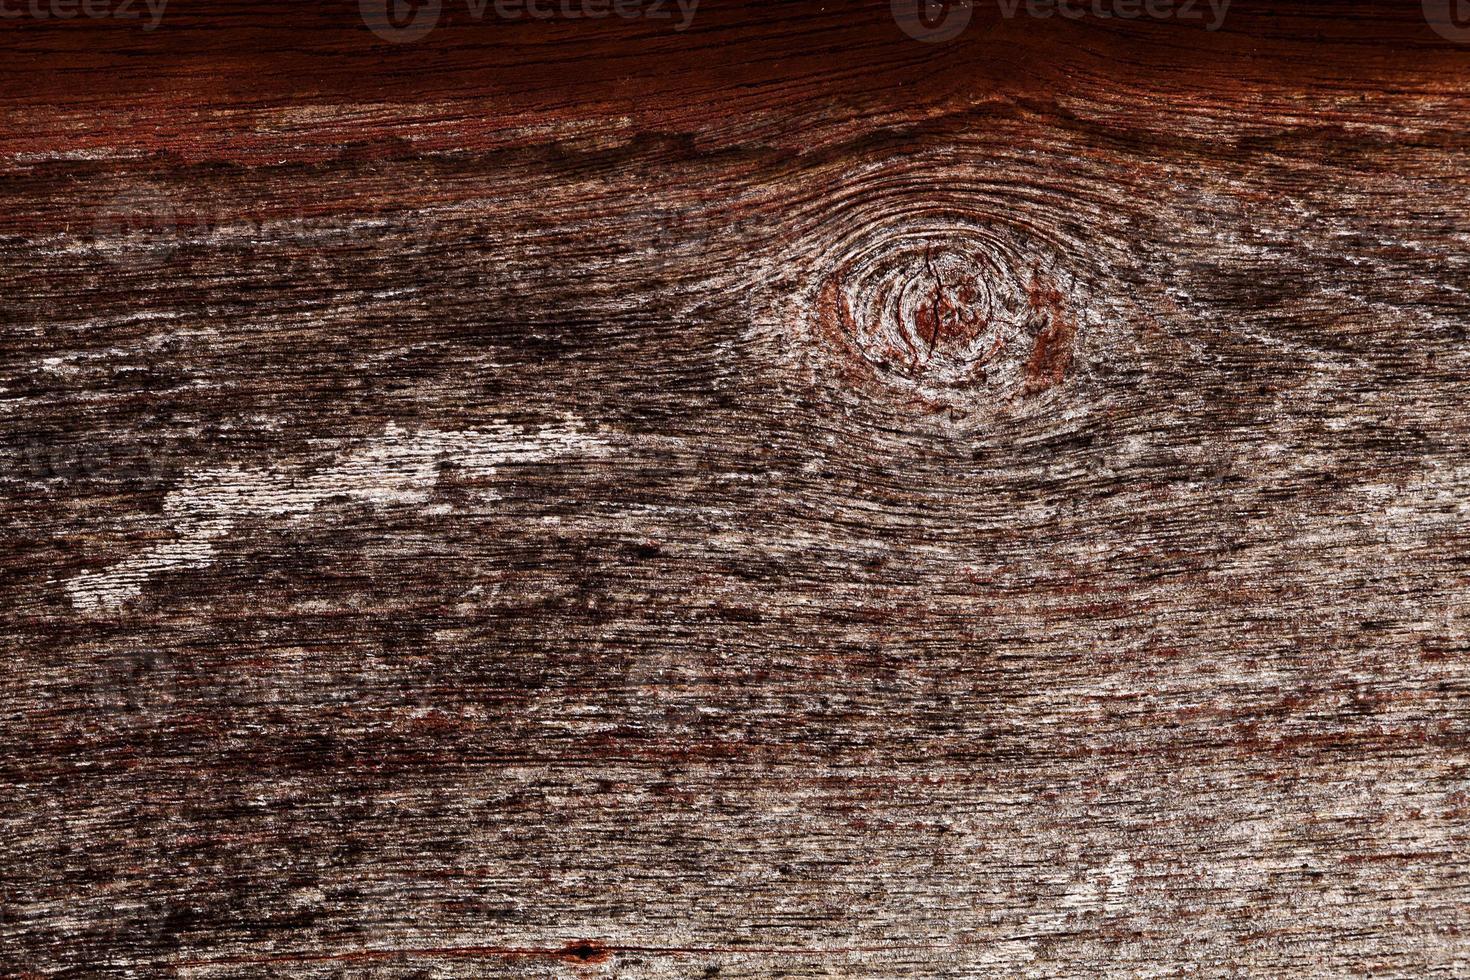 trä plankan bakgrund eller struktur foto